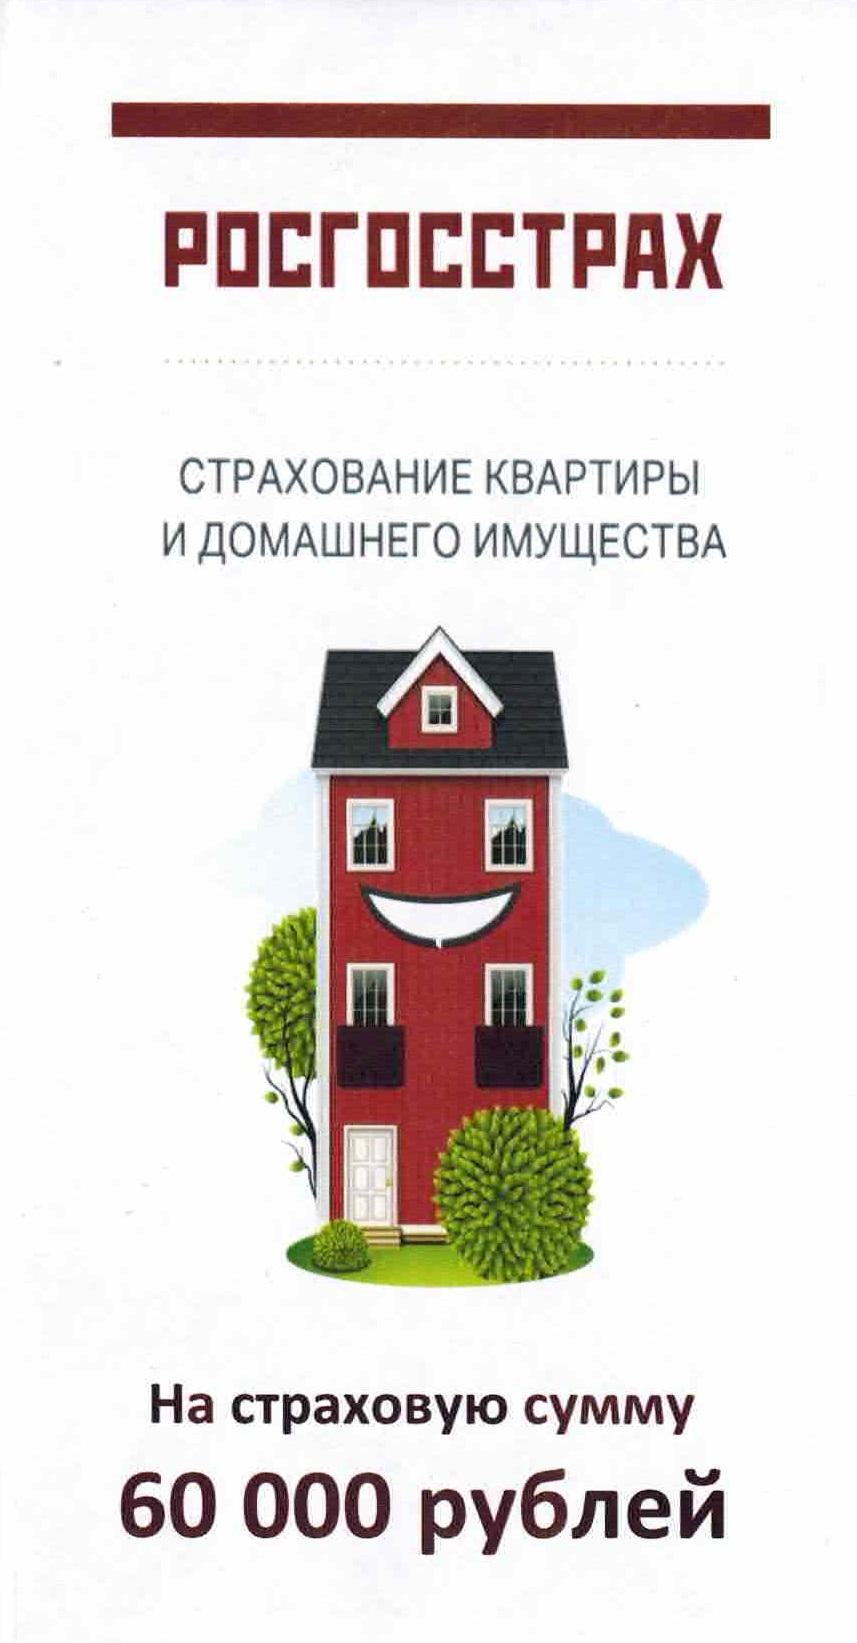 росгосстрах страхование недвижимого имущества догадался